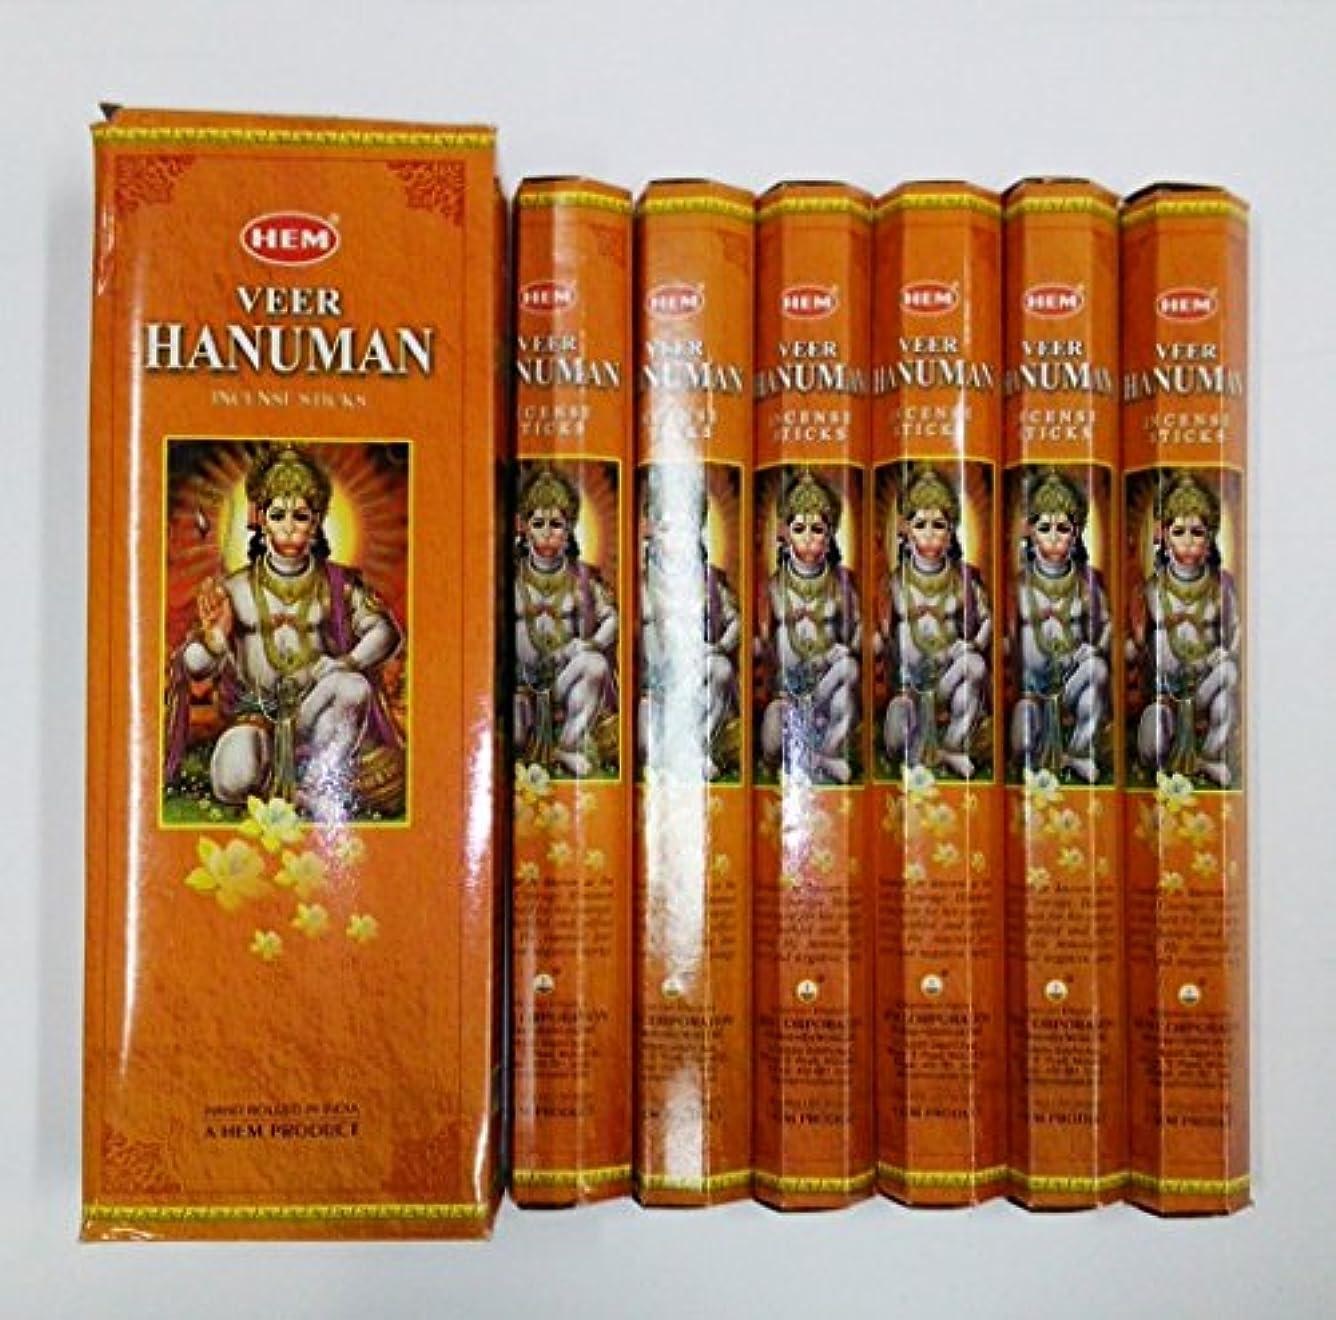 パワー恩赦補充HEM (ヘム) インセンス スティック へキサパック ハヌマーン ハヌマン香 6角(20本入)×6箱 [並行輸入品] Hanuman